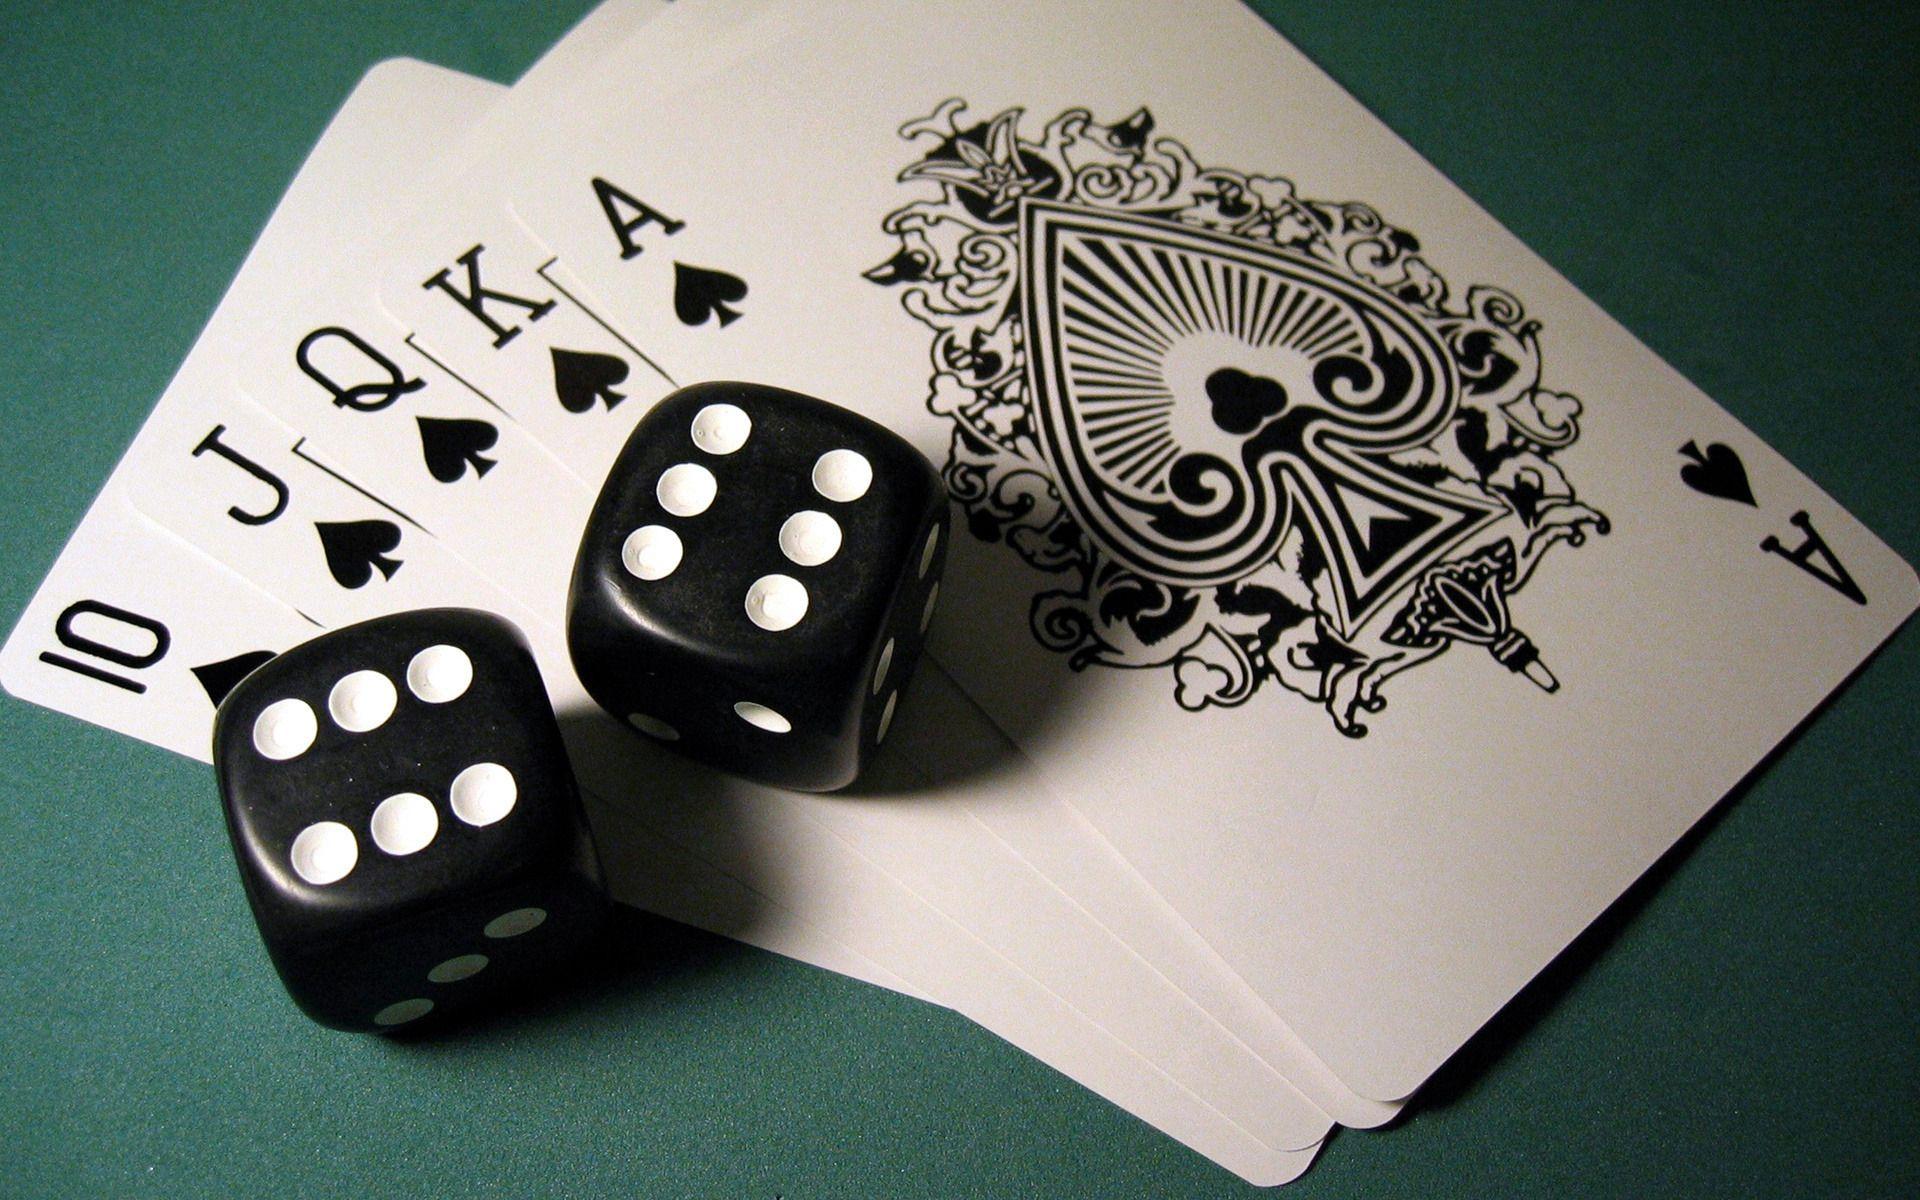 домашнее онлайн казино